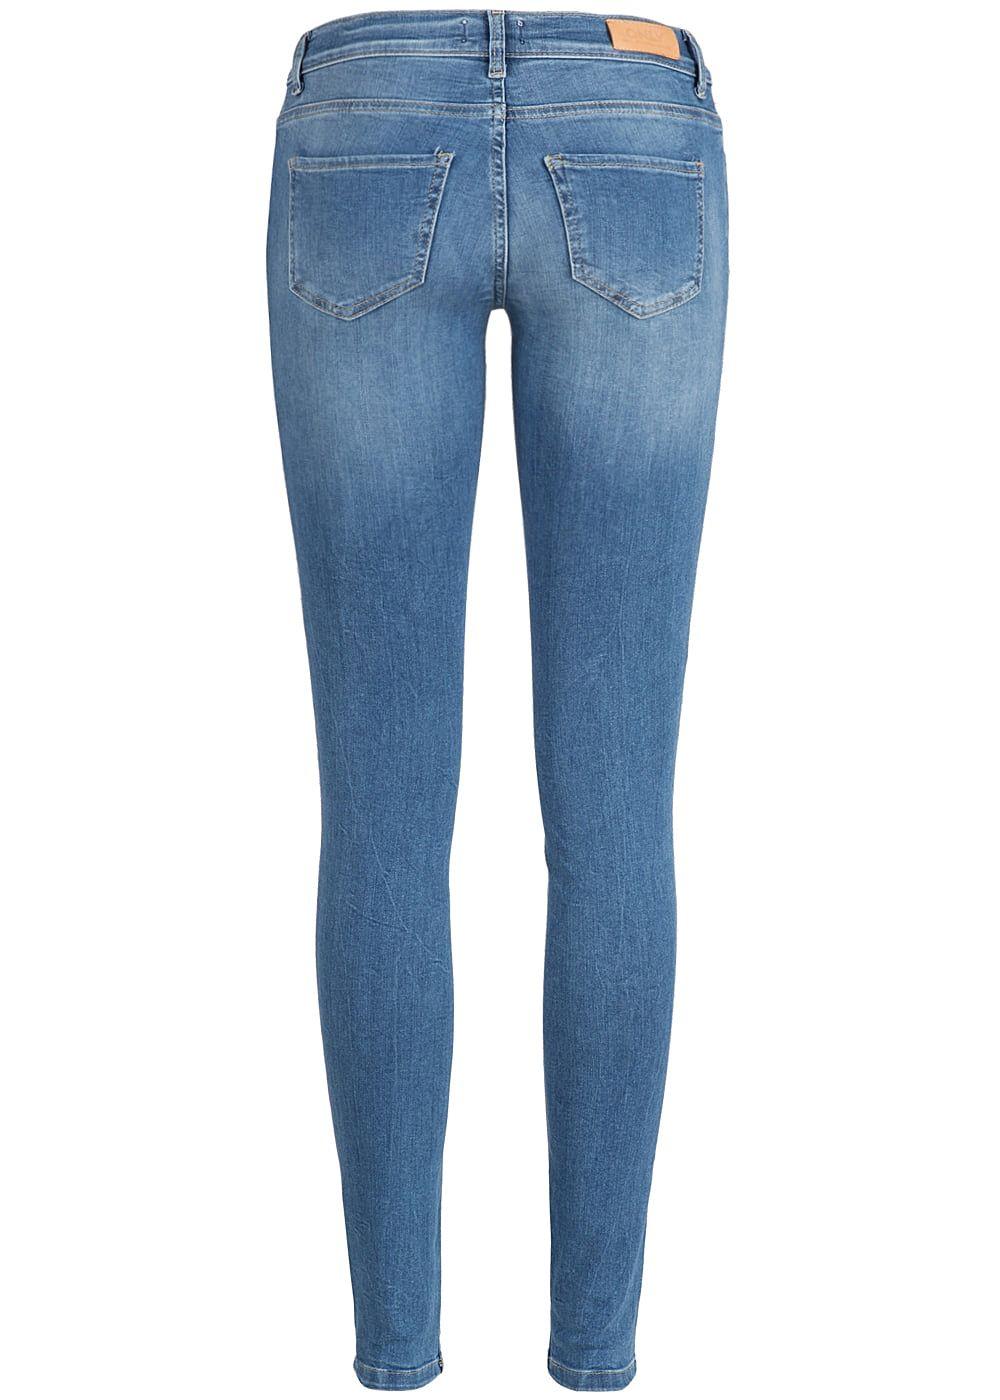 only damen jeans hose skinny regular waist 5 pockets noos hell blau denim 77onlineshop. Black Bedroom Furniture Sets. Home Design Ideas